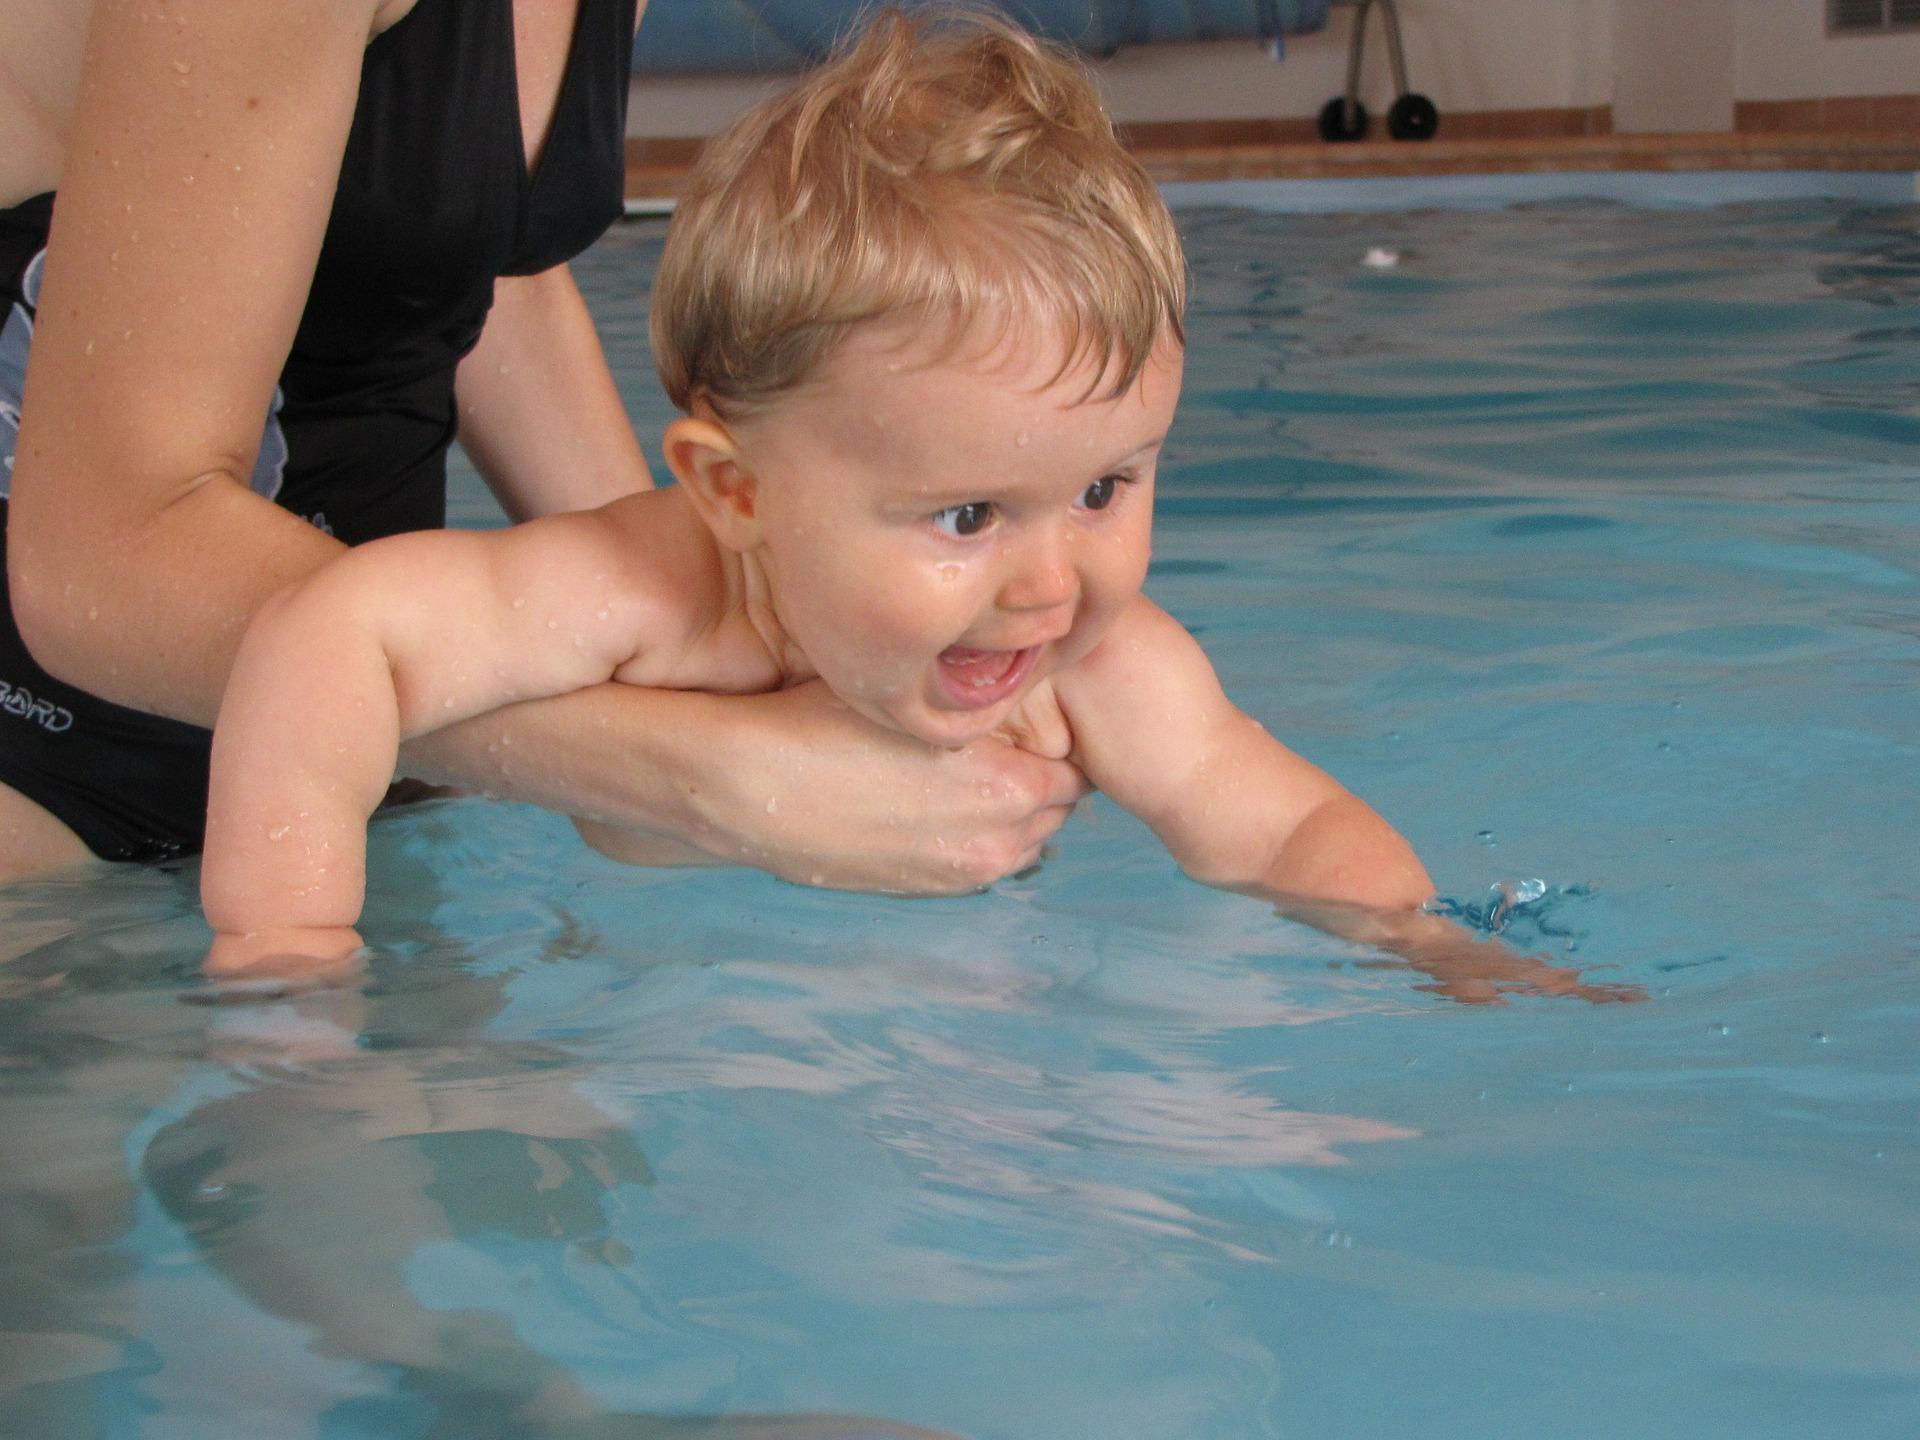 Un bébé qui apprend à nager dans une piscine avec sa maman